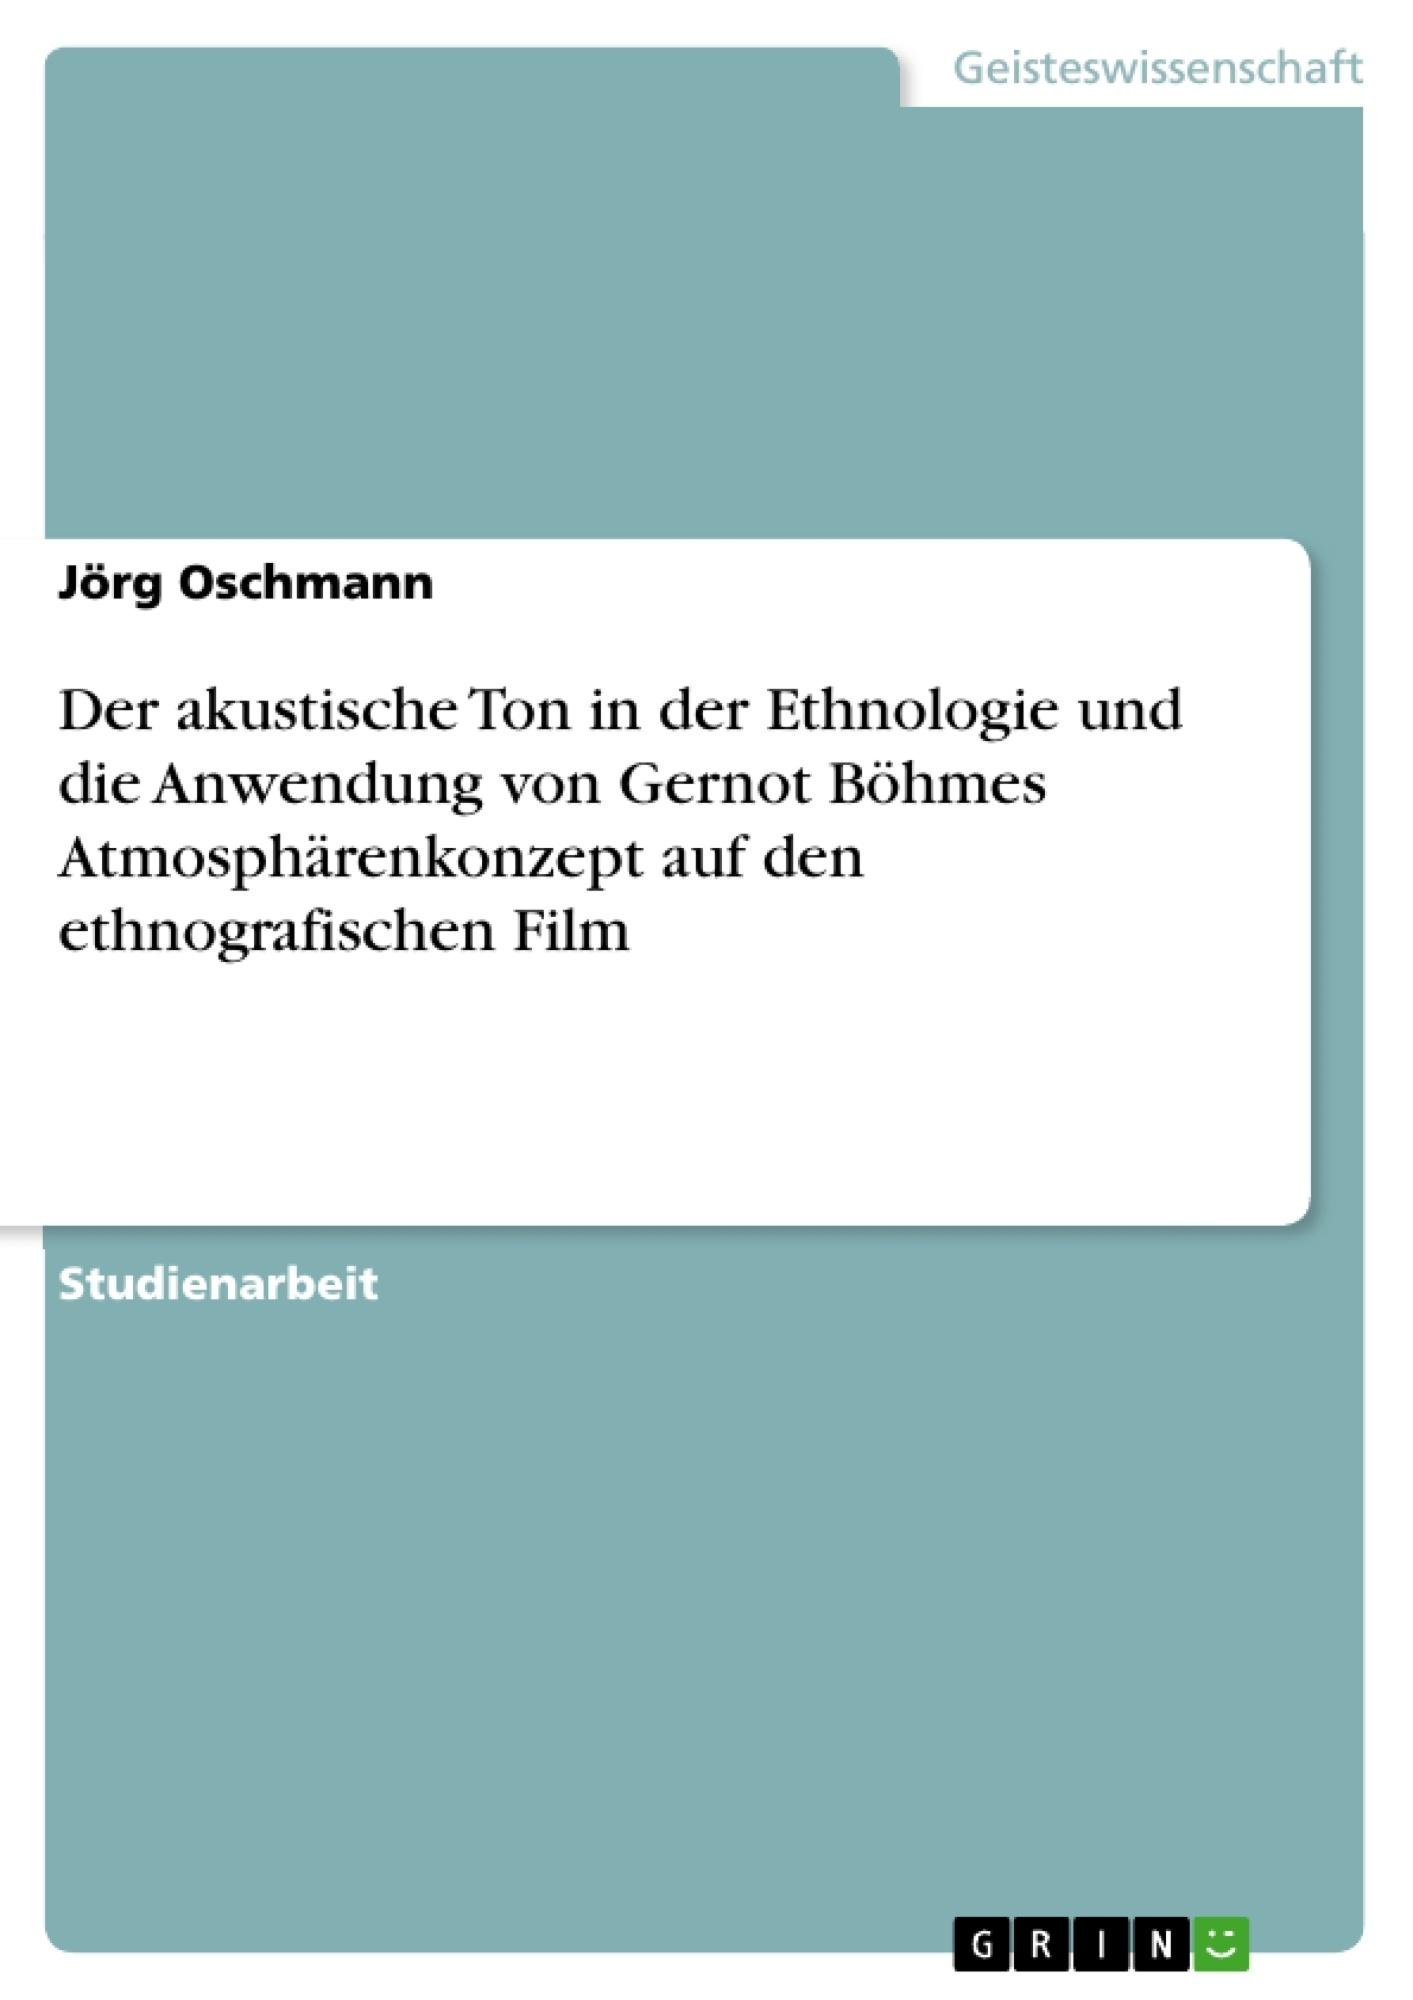 Titel: Der akustische Ton in der Ethnologie und die Anwendung von Gernot Böhmes Atmosphärenkonzept auf den ethnografischen Film